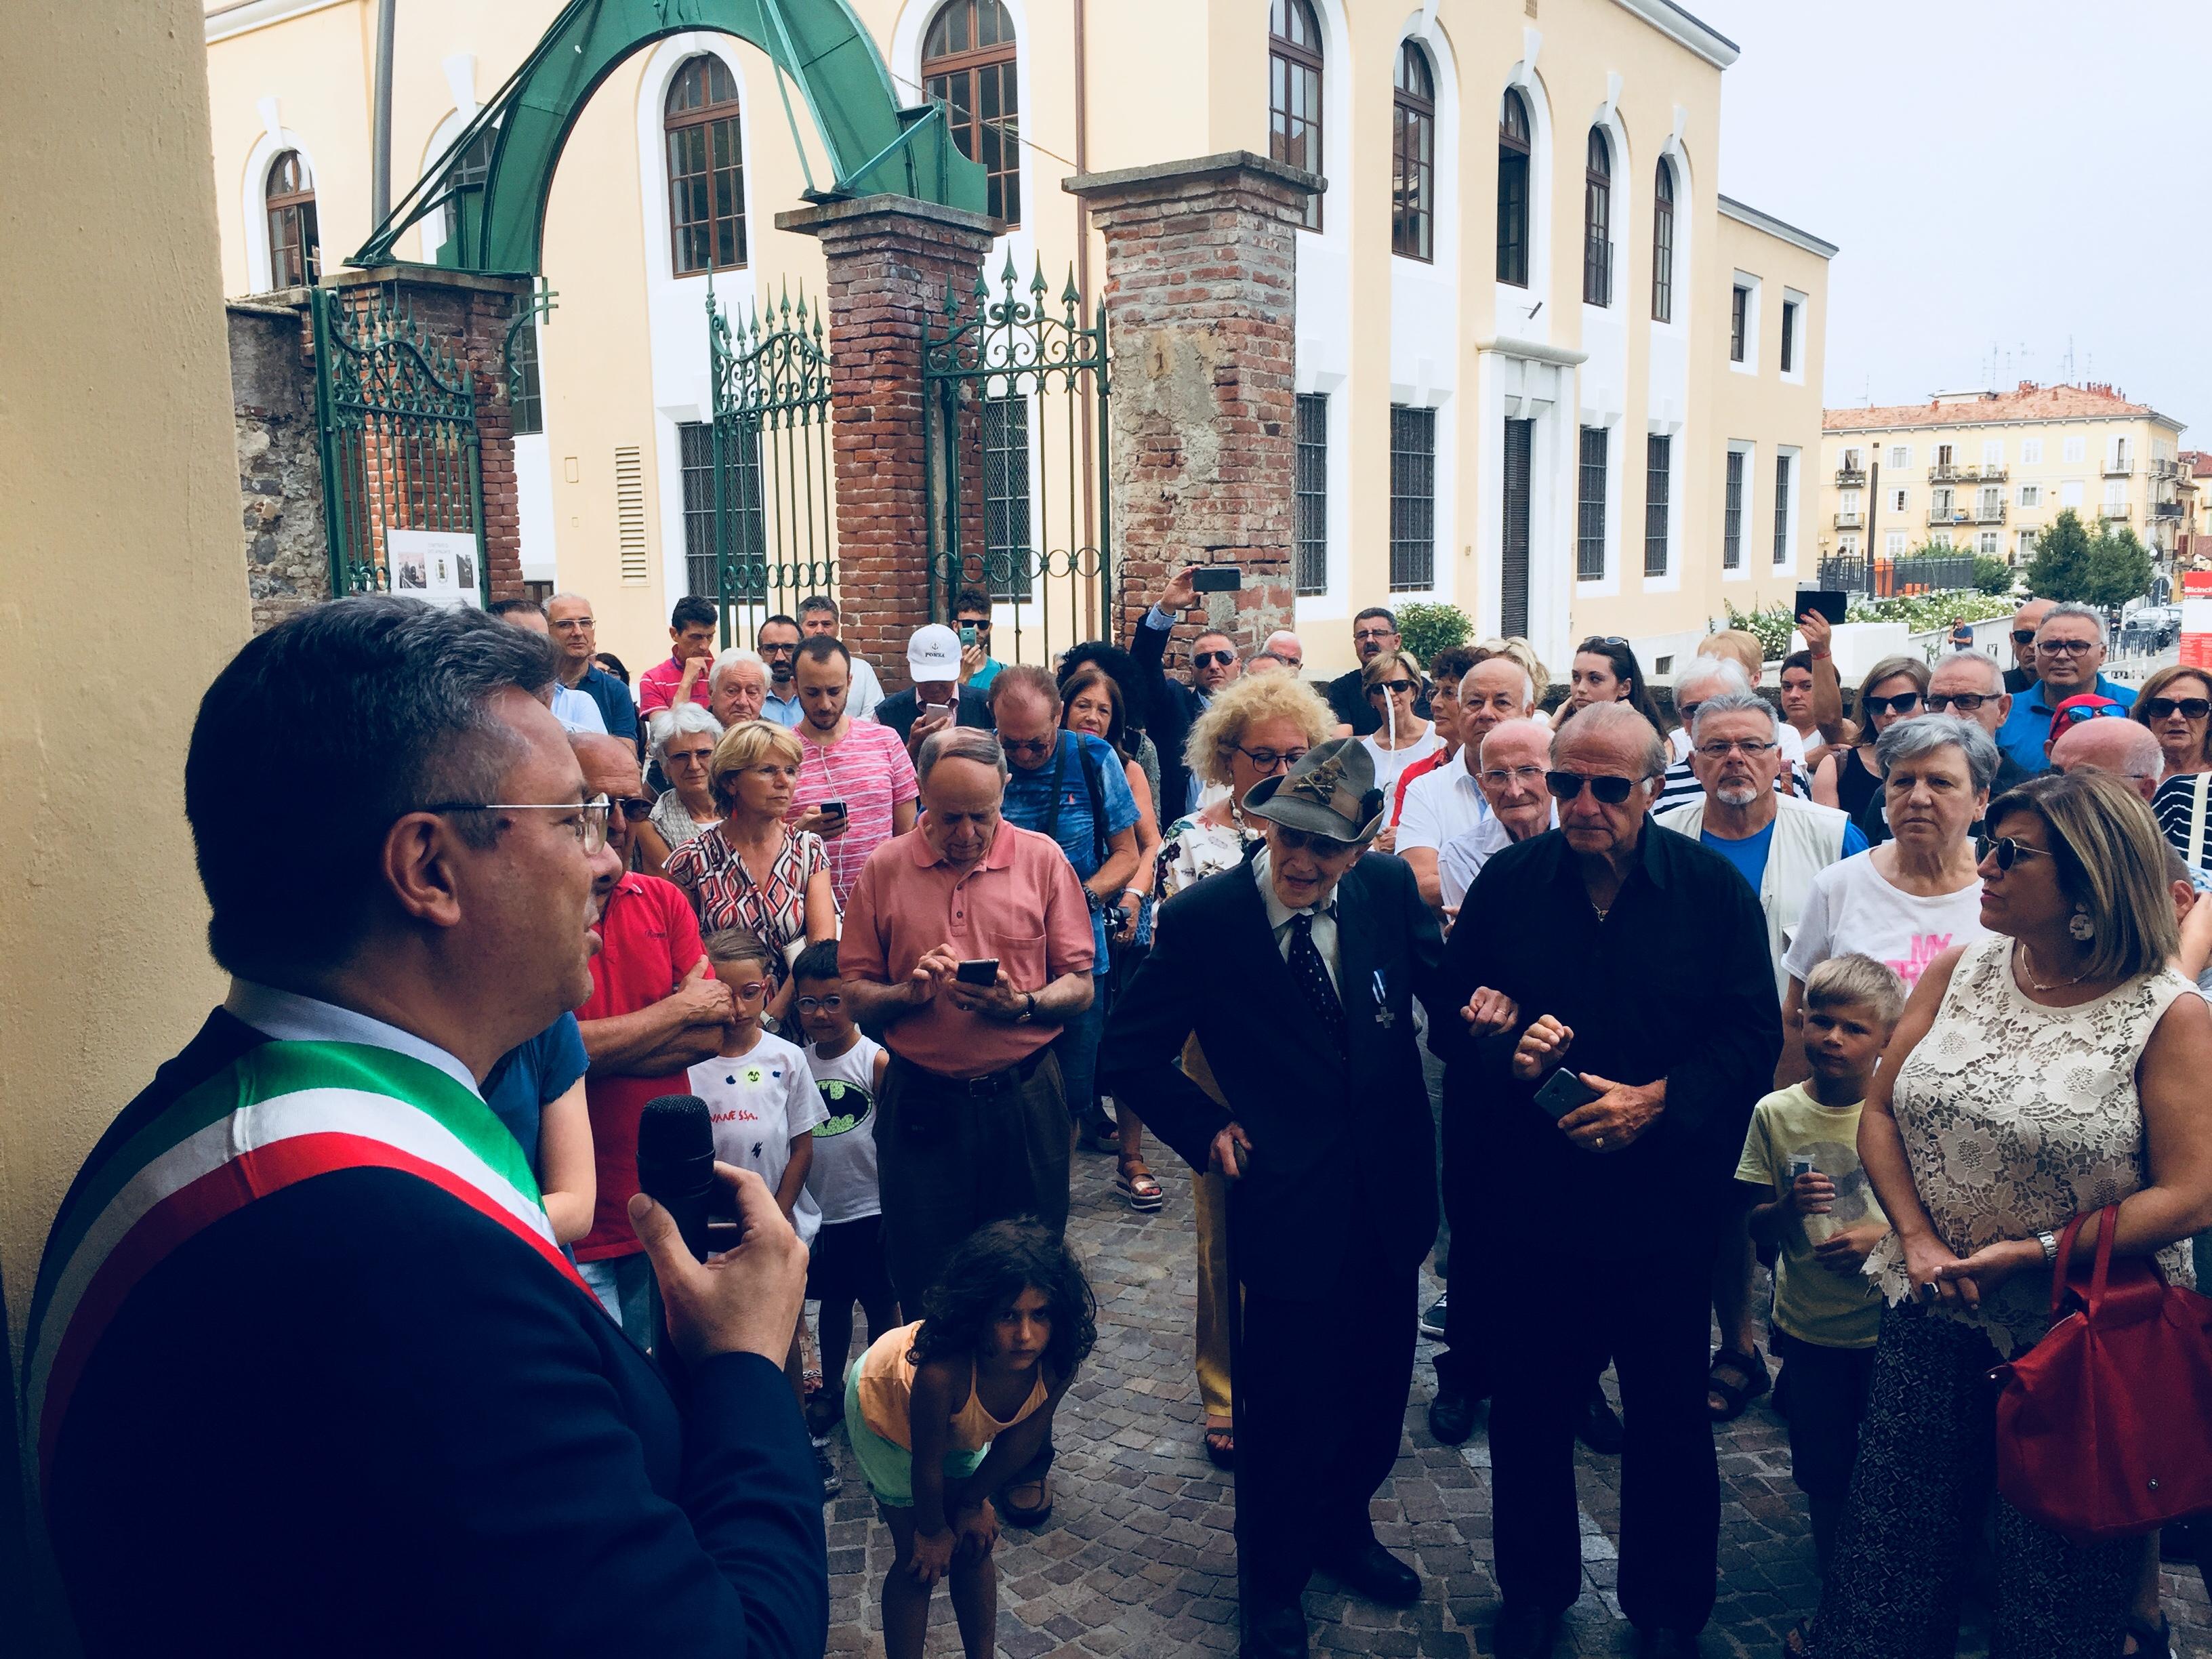 Il sindaco Marco Cavicchioli durante il suo intervento all'inaugurazione della funicolare